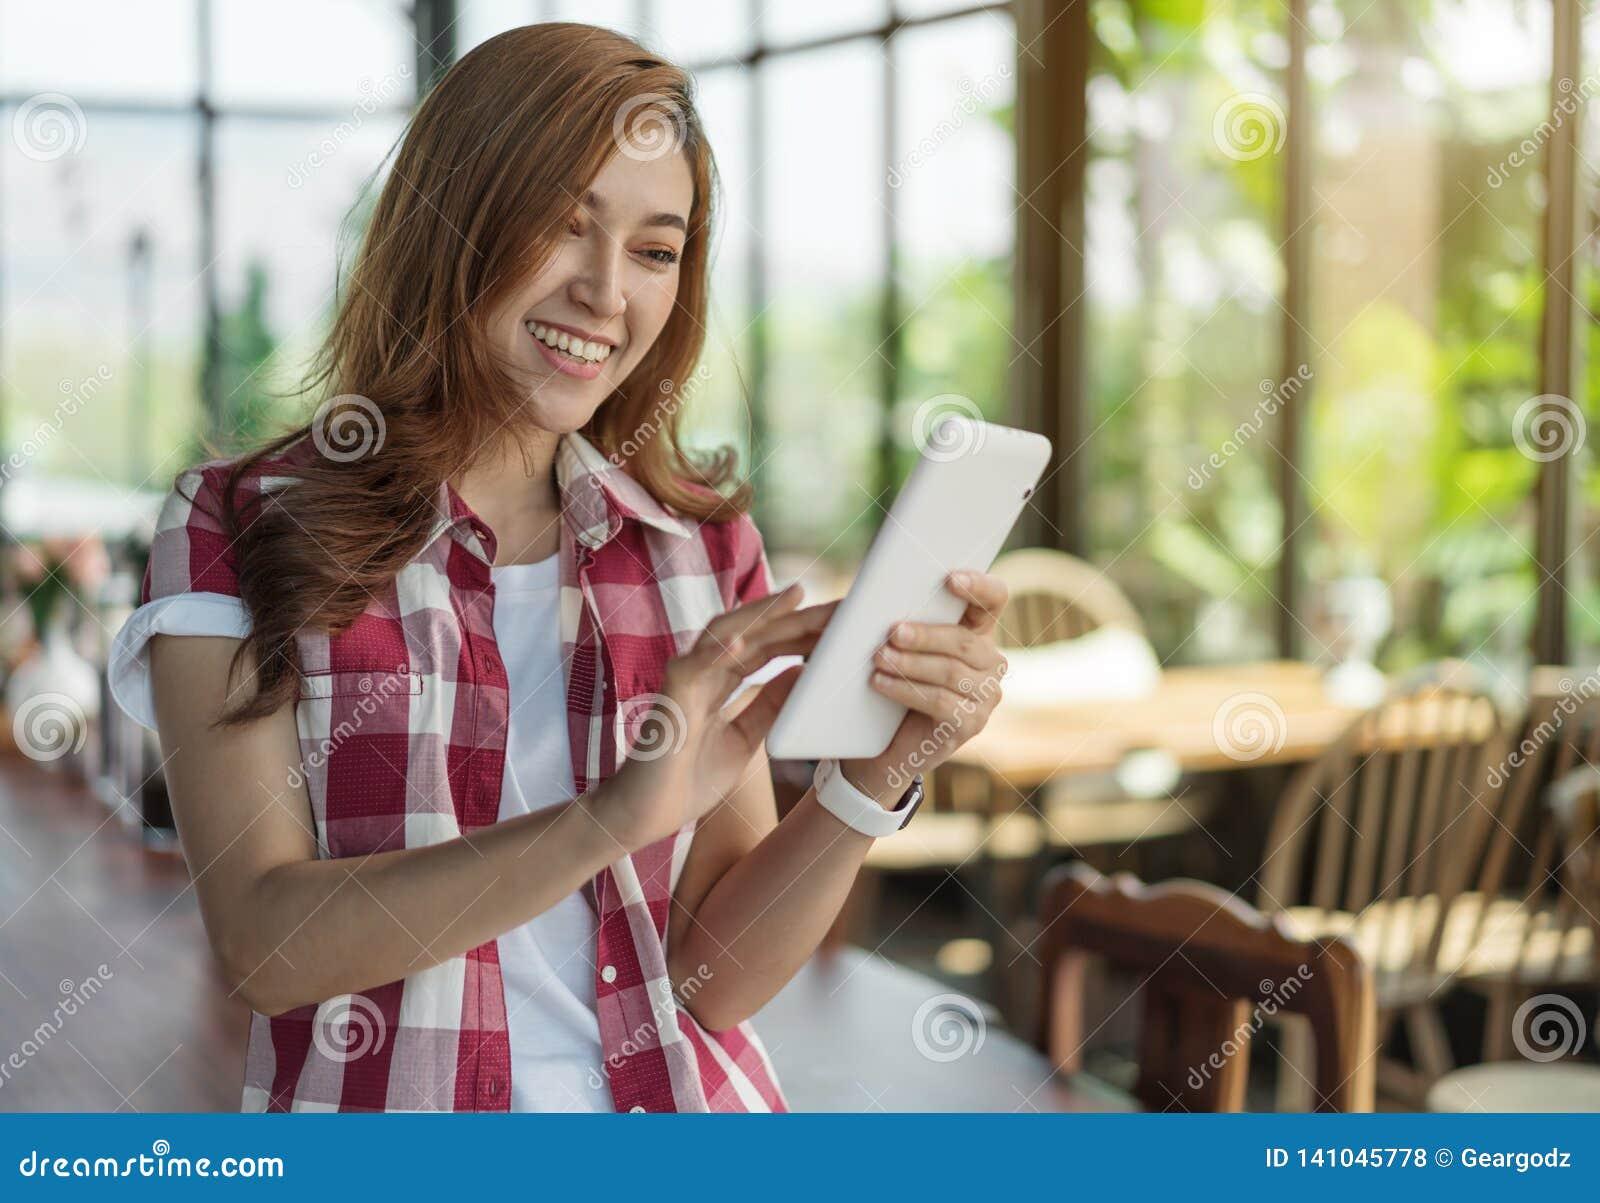 Ευτυχής γυναίκα που χρησιμοποιεί την ψηφιακή ταμπλέτα στον καφέ